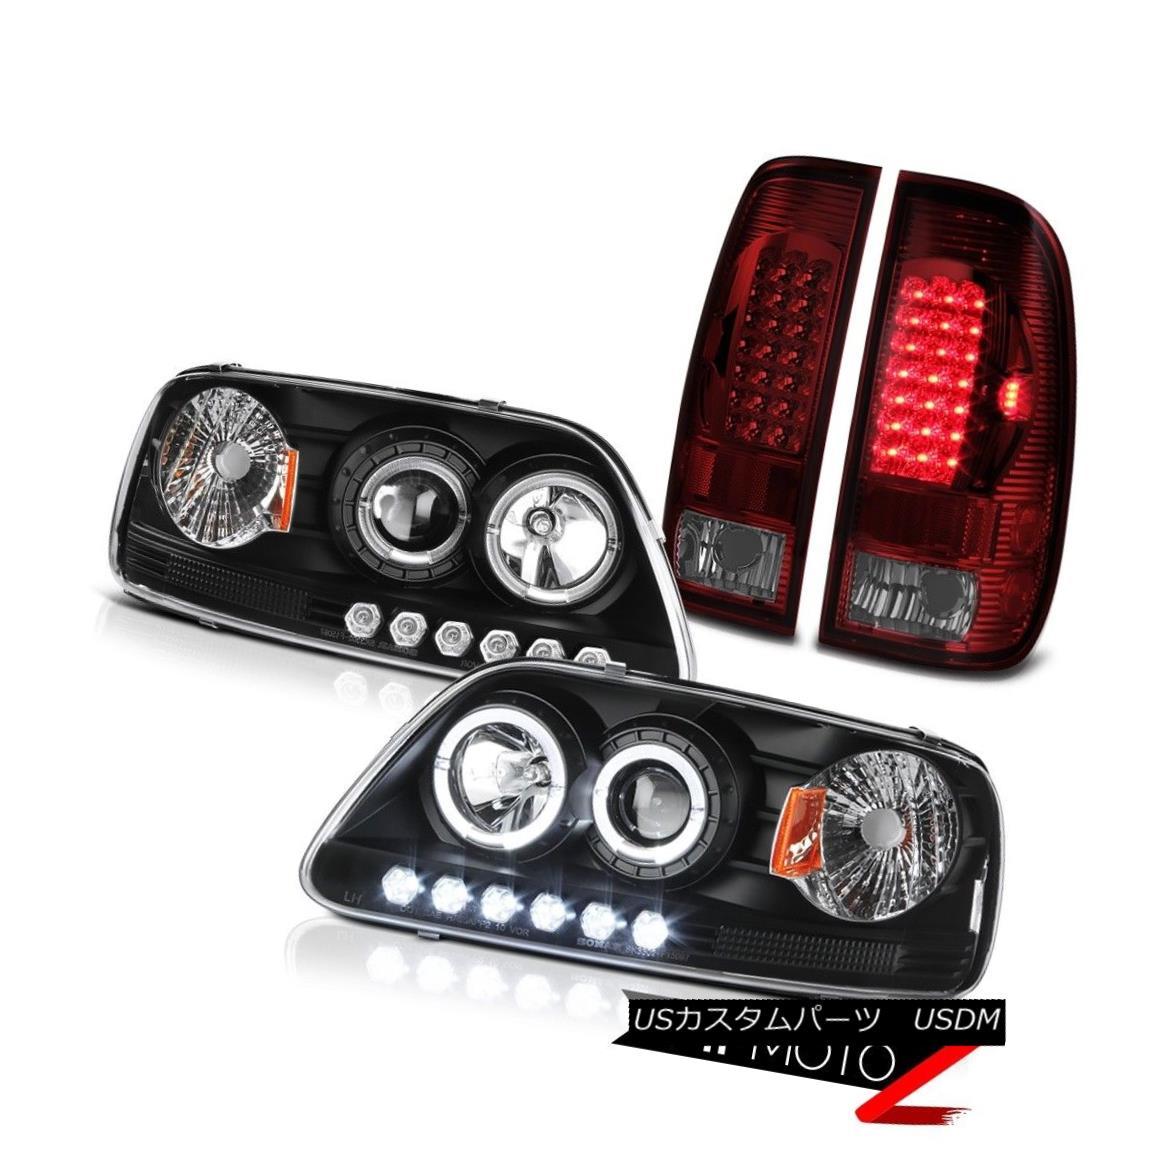 テールライト F150 Triton 97-03 Black Angel Eye HALO Projector Headlights SMD LED Brake Lamps F150トリトン97-03ブラックエンジェルアイハロープロジェクターヘッドライトSMD LEDブレーキランプ